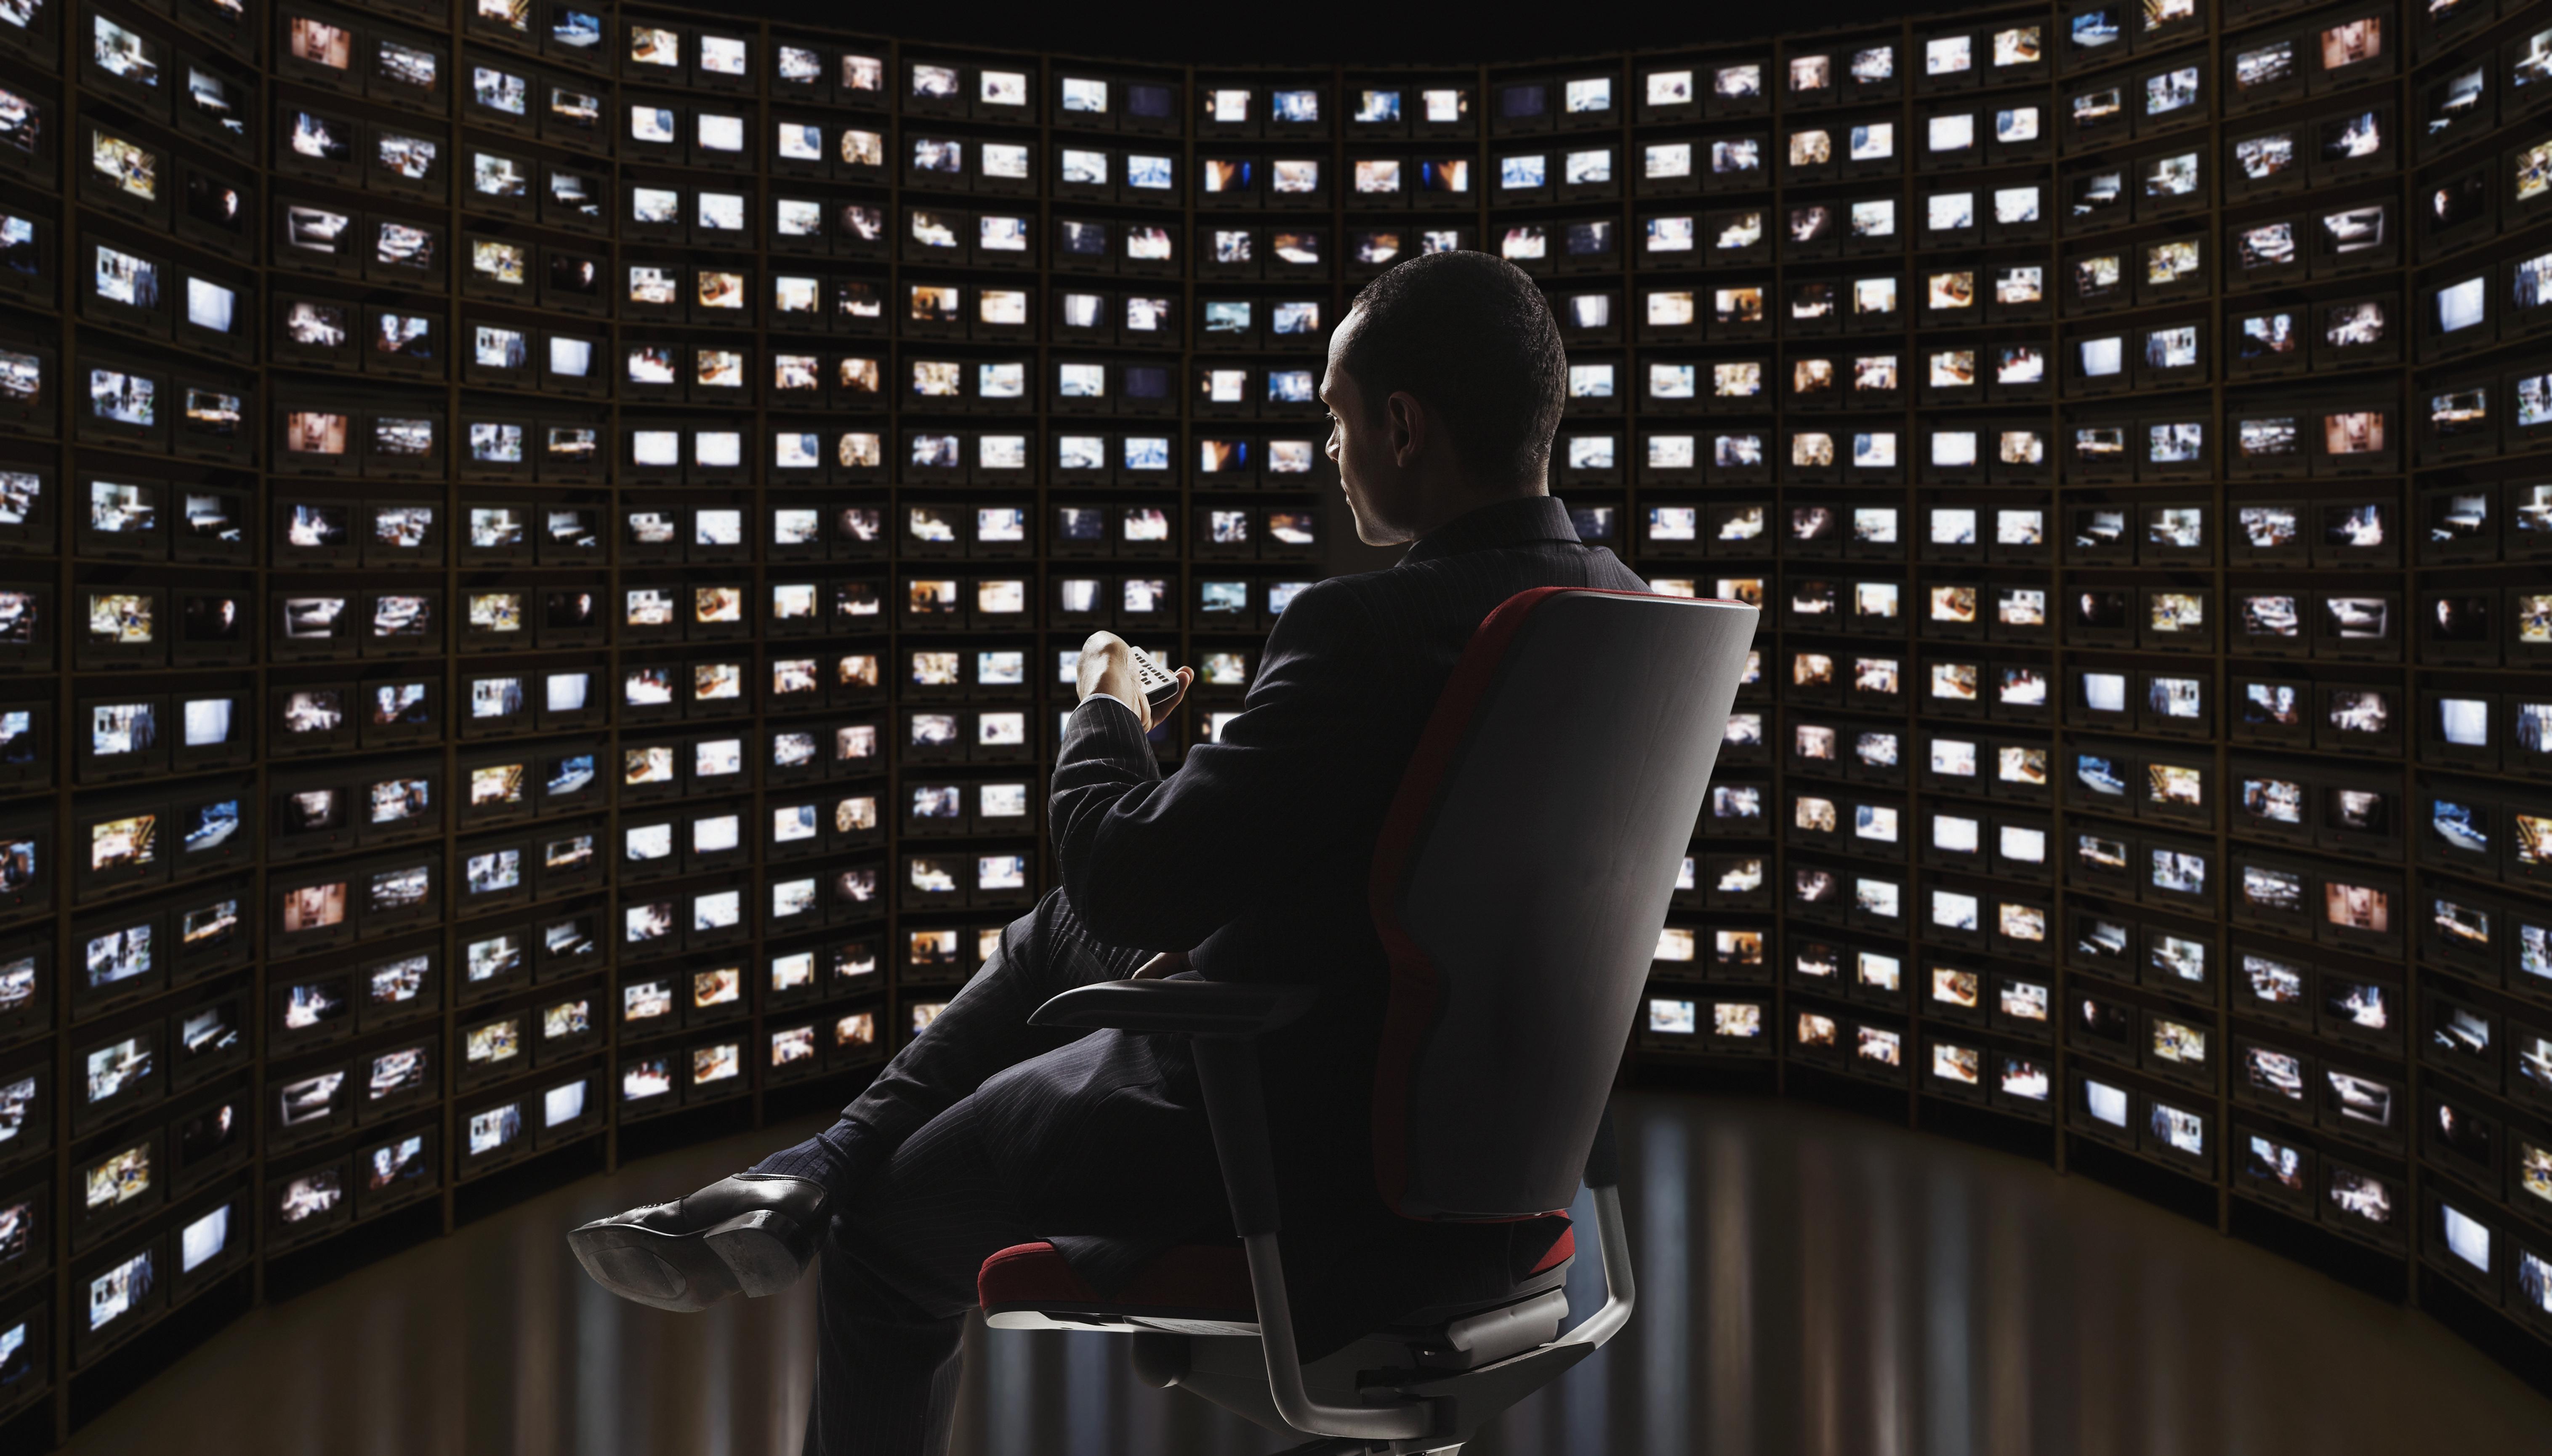 Kilenc orosz nyelvű csatornát tiltottak be Lettországban